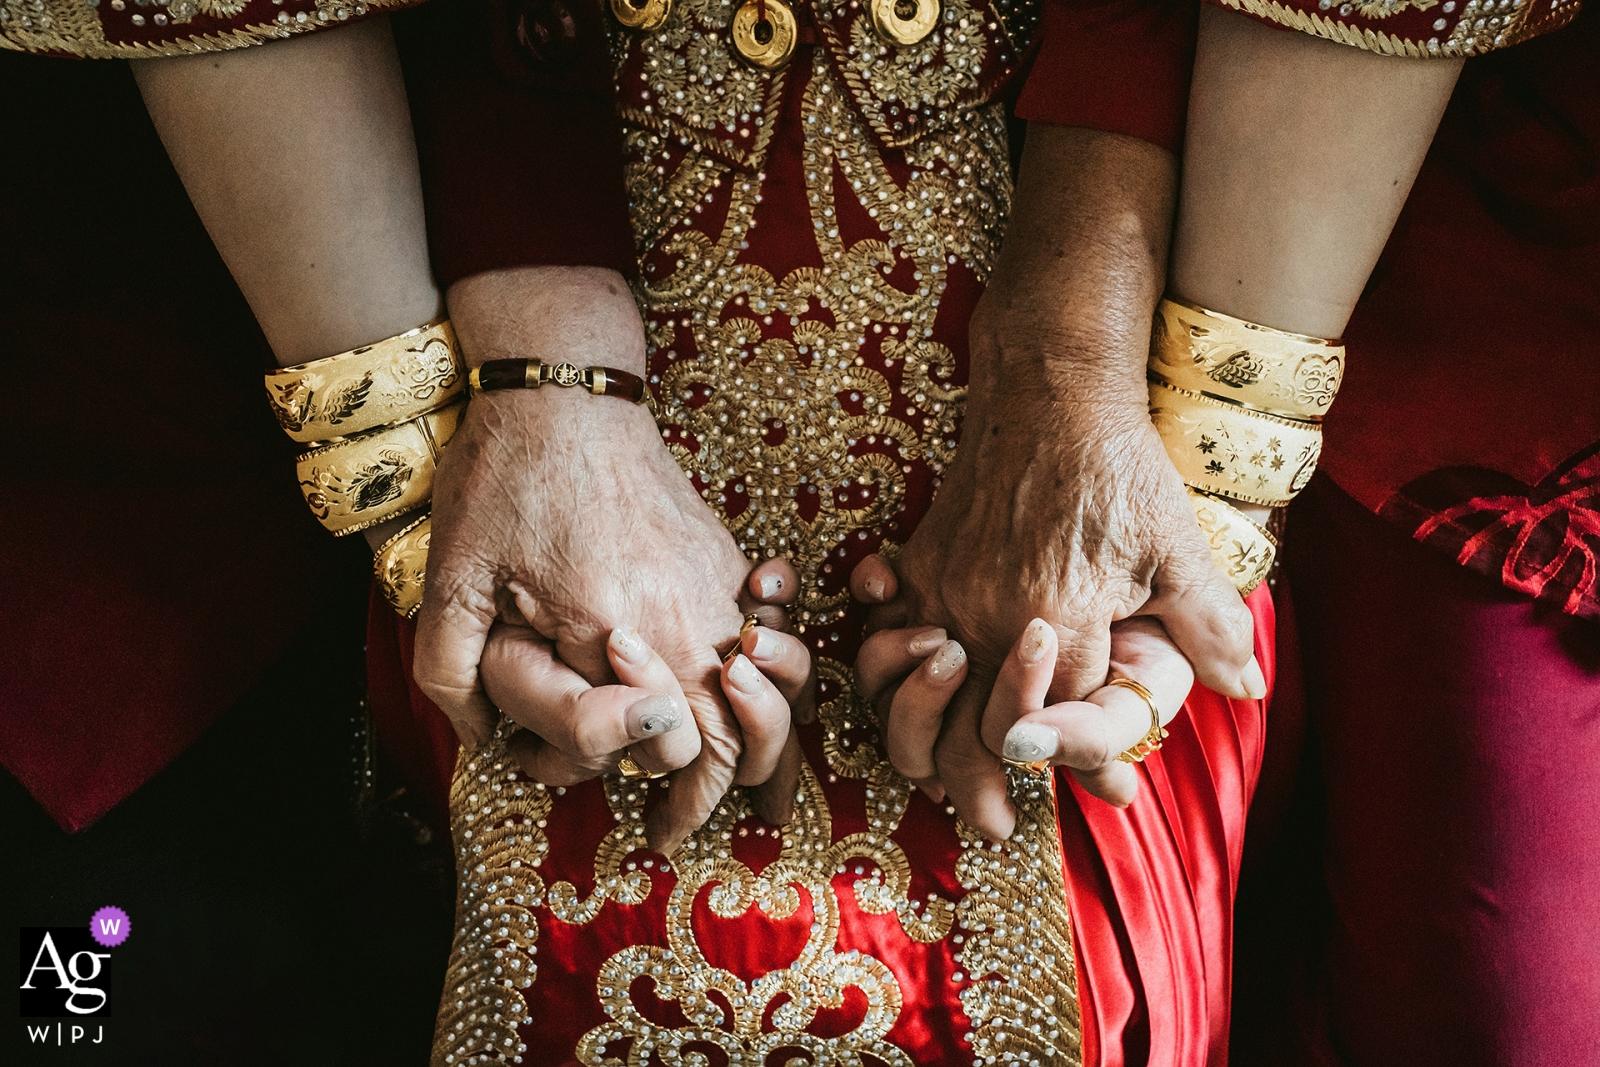 Fujian Bridal Detail Shot - Grandma and grandma hold the bride in both hands